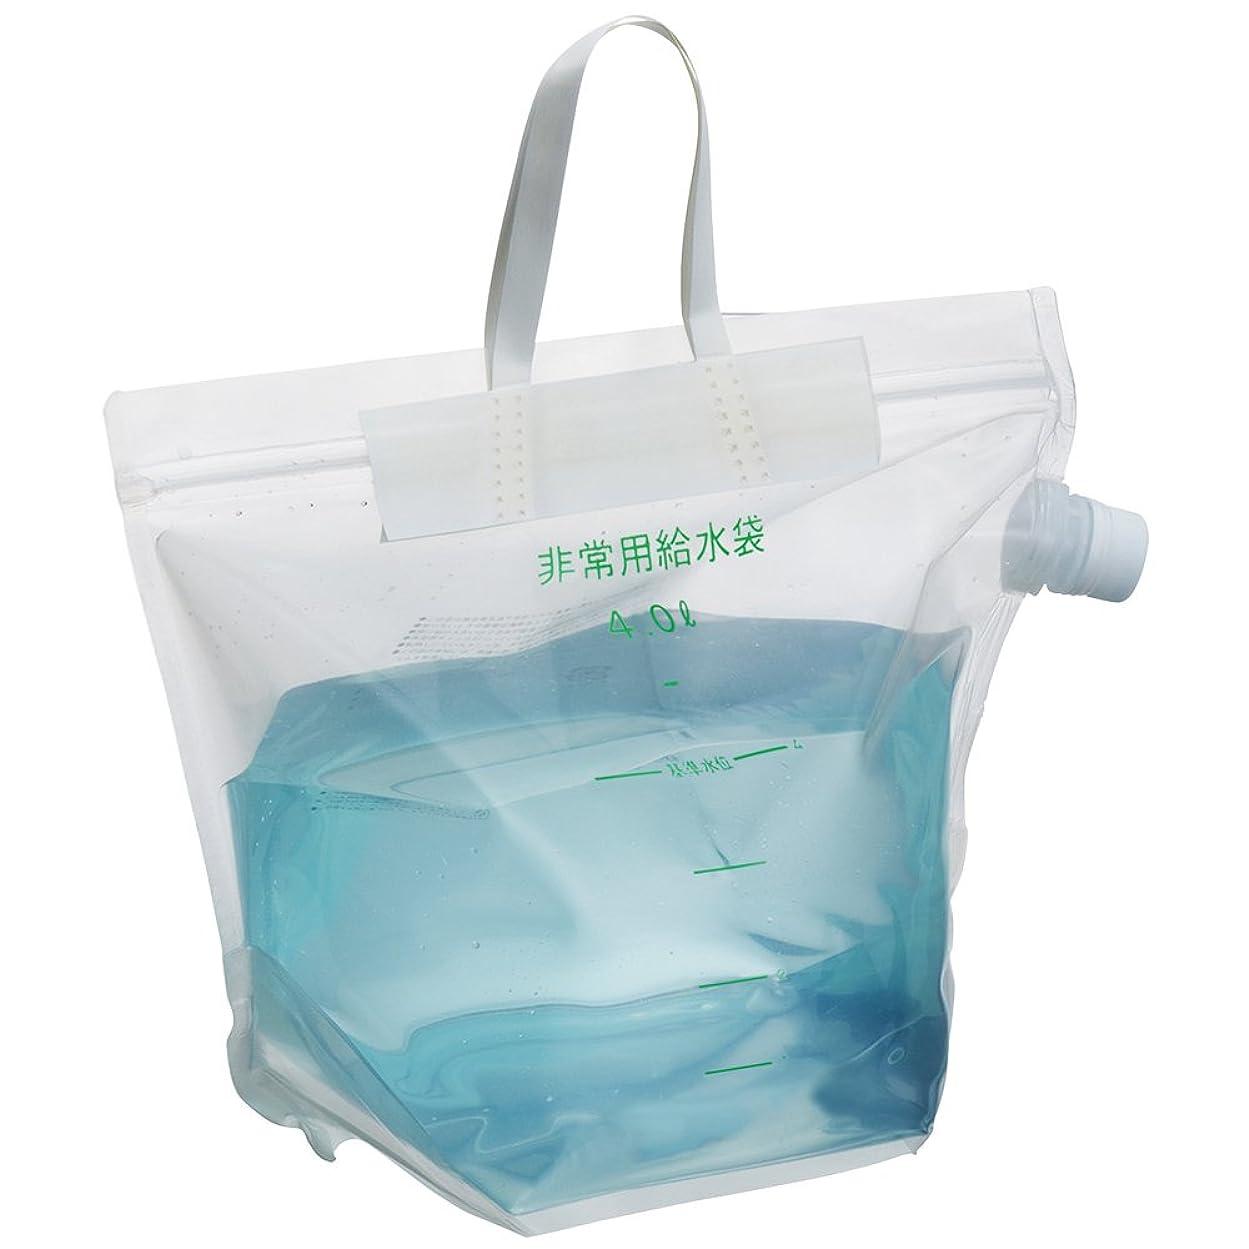 硬化するシリンダー瞑想する東京都葛飾福祉工場 食品衛生法適合 非常用給水袋 4L -